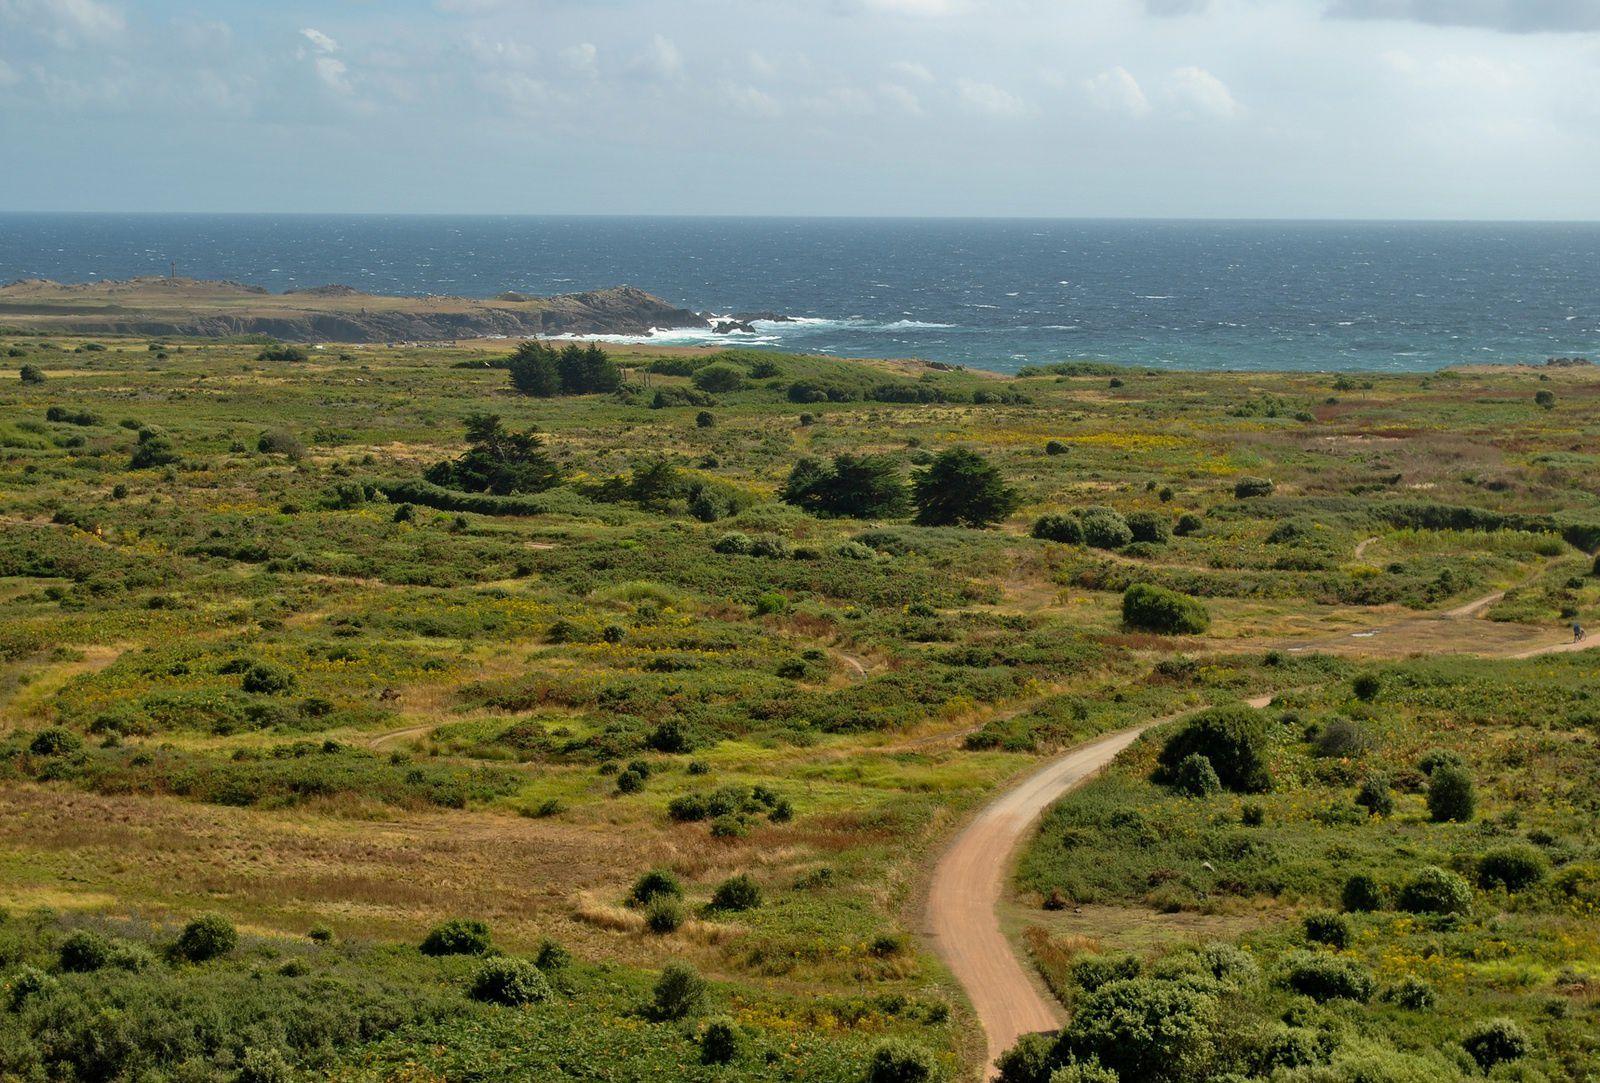 L'Ile d'Yeu&#x3B; Vue générale prise depuis le haut d'un phare en direction de la côte sauvage. (photo rediffusée).